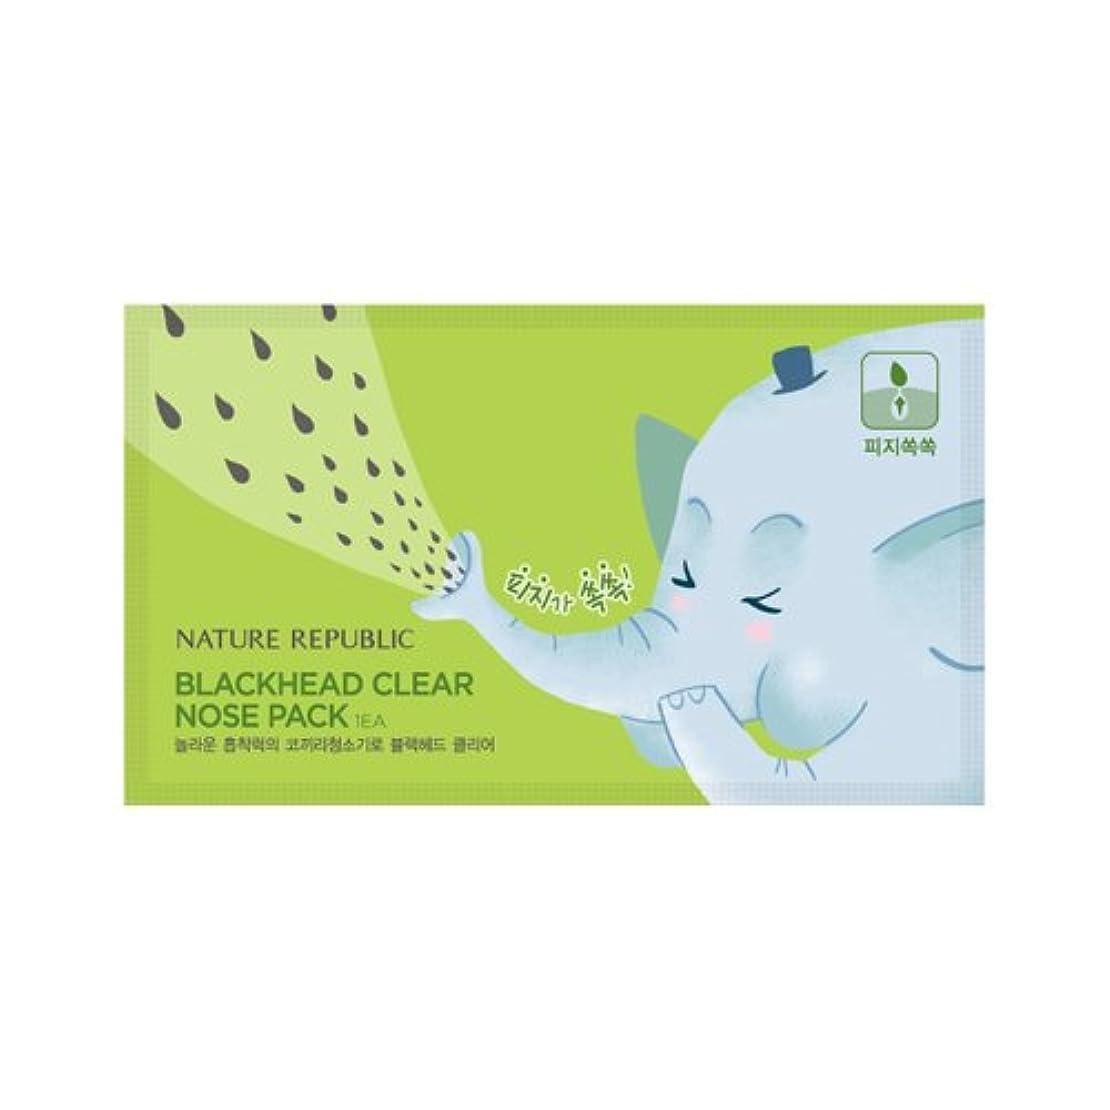 自分散文冷凍庫Nature Republic Black Head Clear Nose Pack [5ea] ネーチャーリパブリック ブラックヘッドクリア 鼻パック [5枚] [並行輸入品]